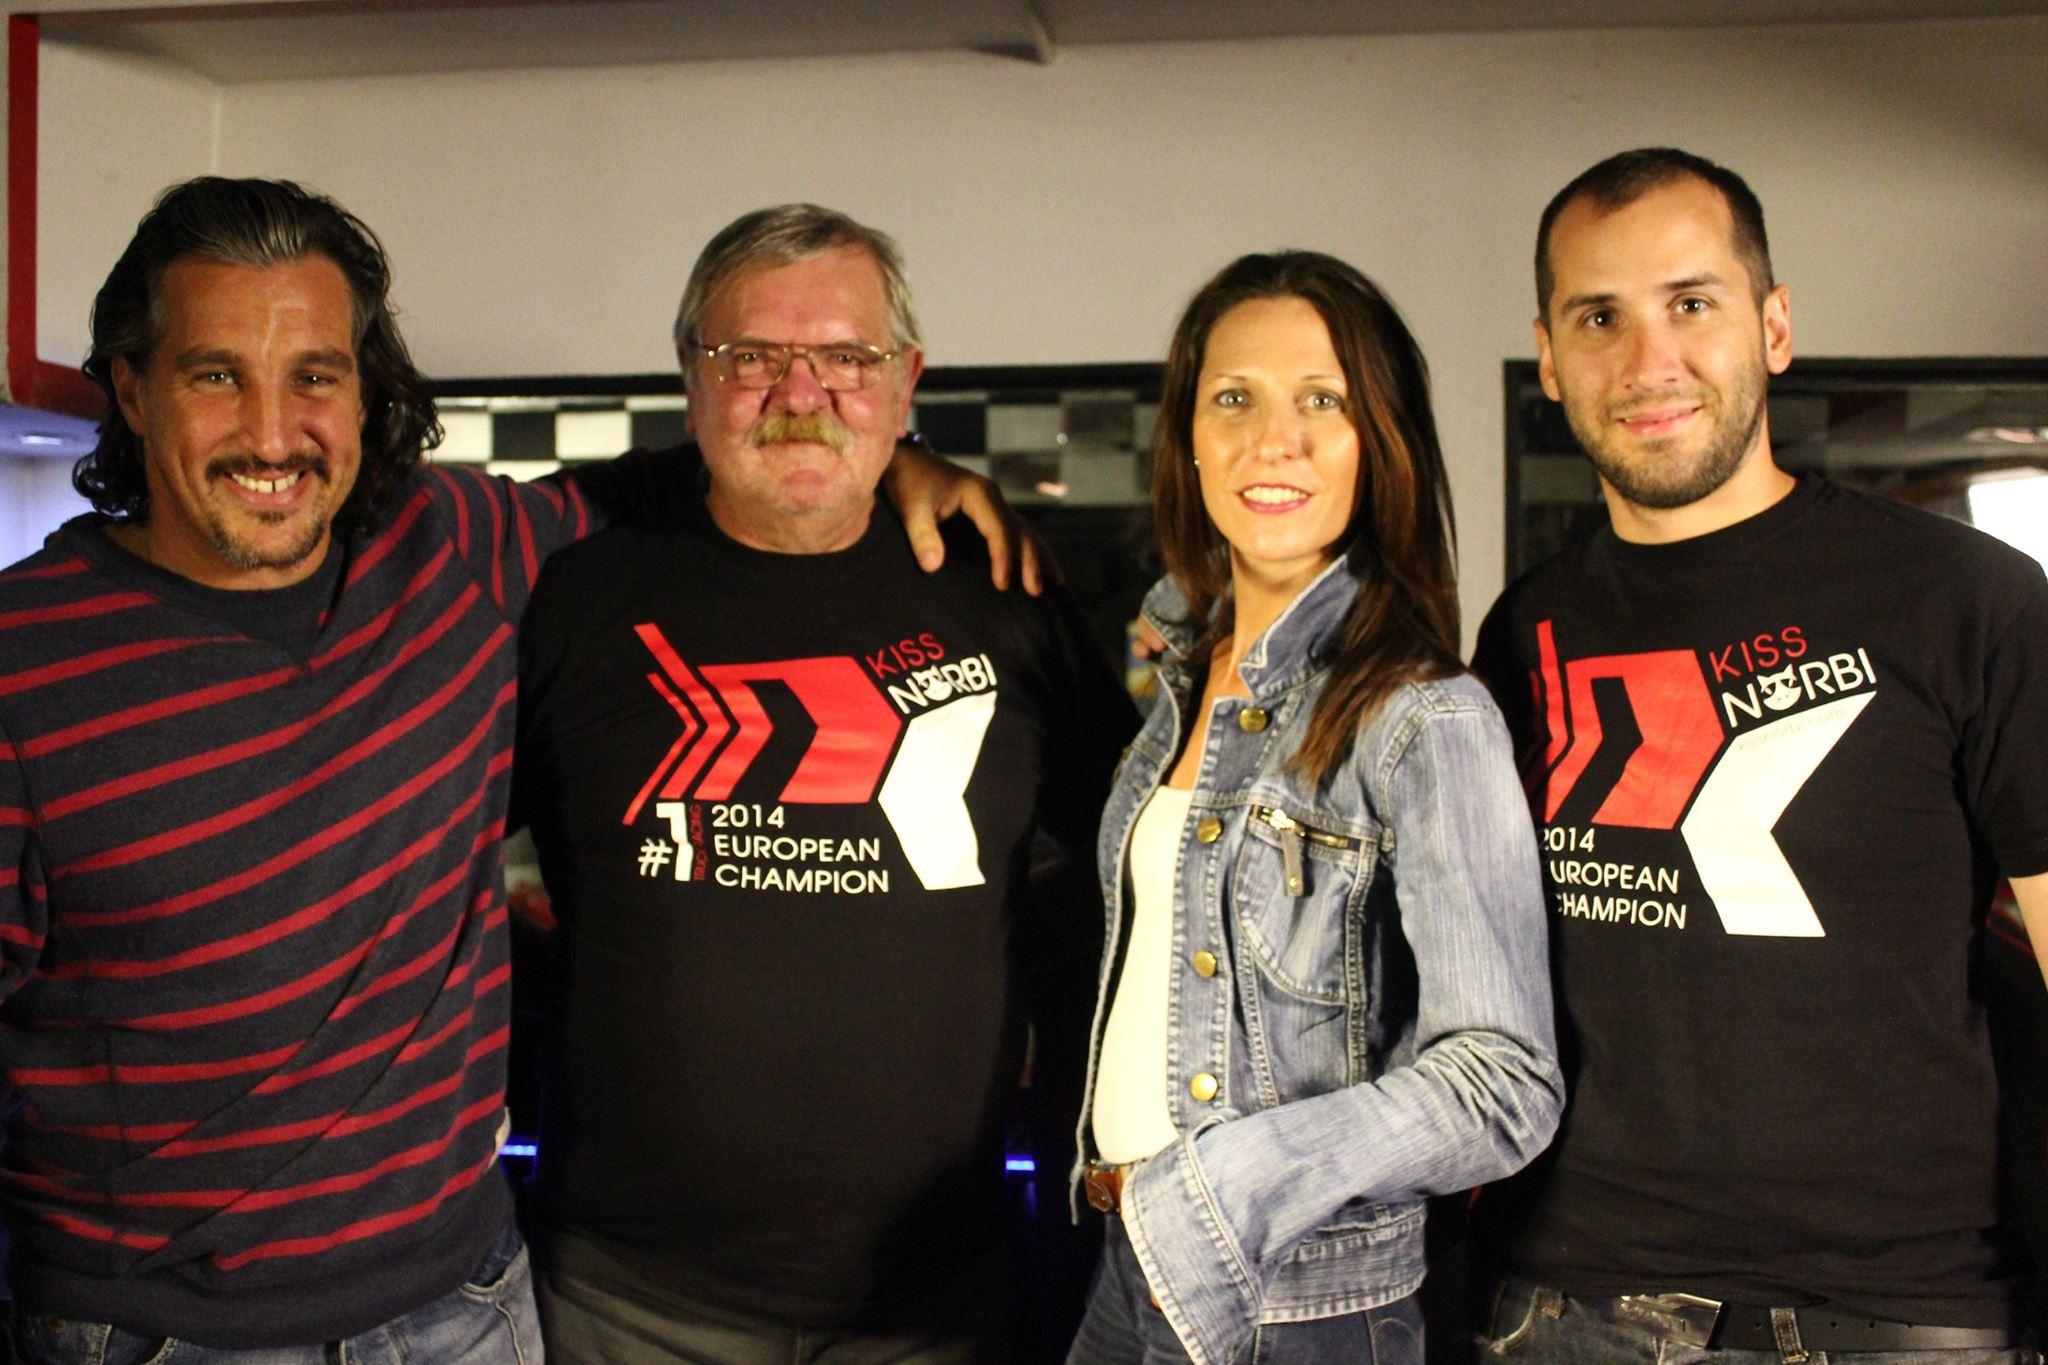 Gokartoztunk Krasznai Jánossal (1966 - 2006) az első magyar kamionversenyzővel és Kiss Norbi Európa Bajnokkal